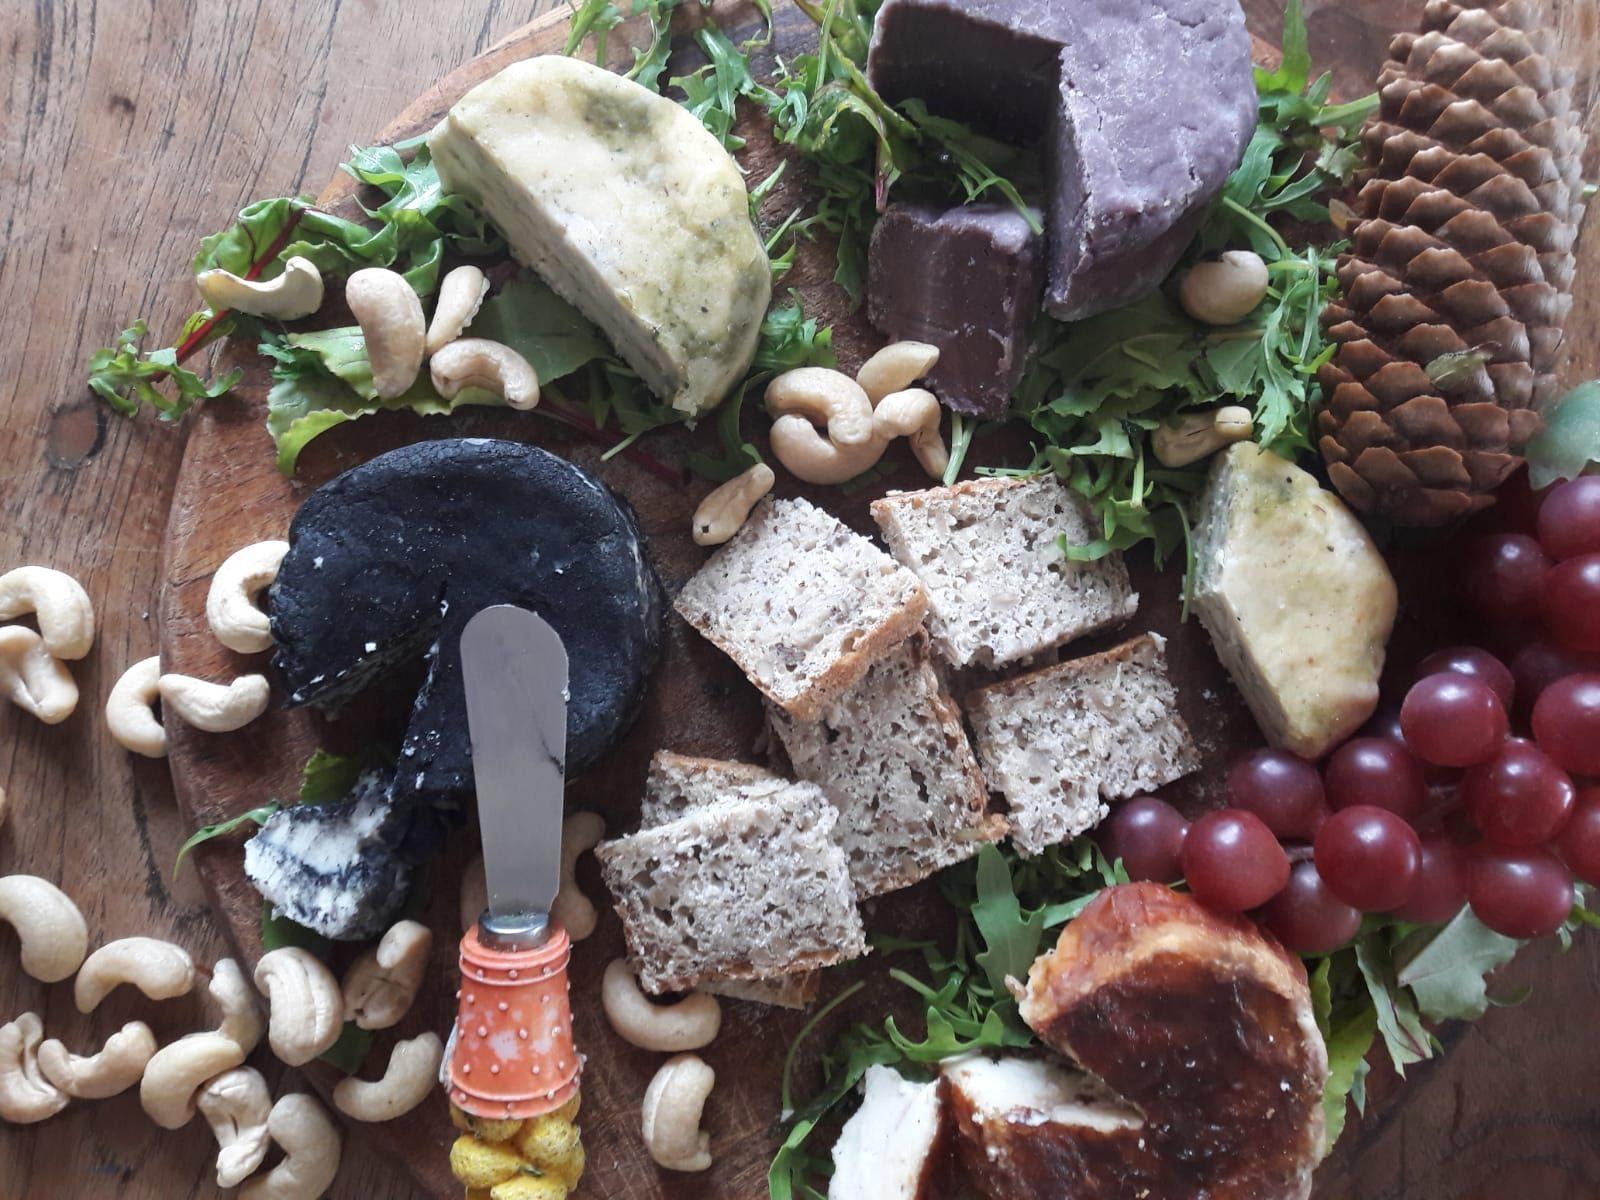 Wil je ook heerlijke veganistische recepten kunnen maken? Zoals vegan TJEEZ?